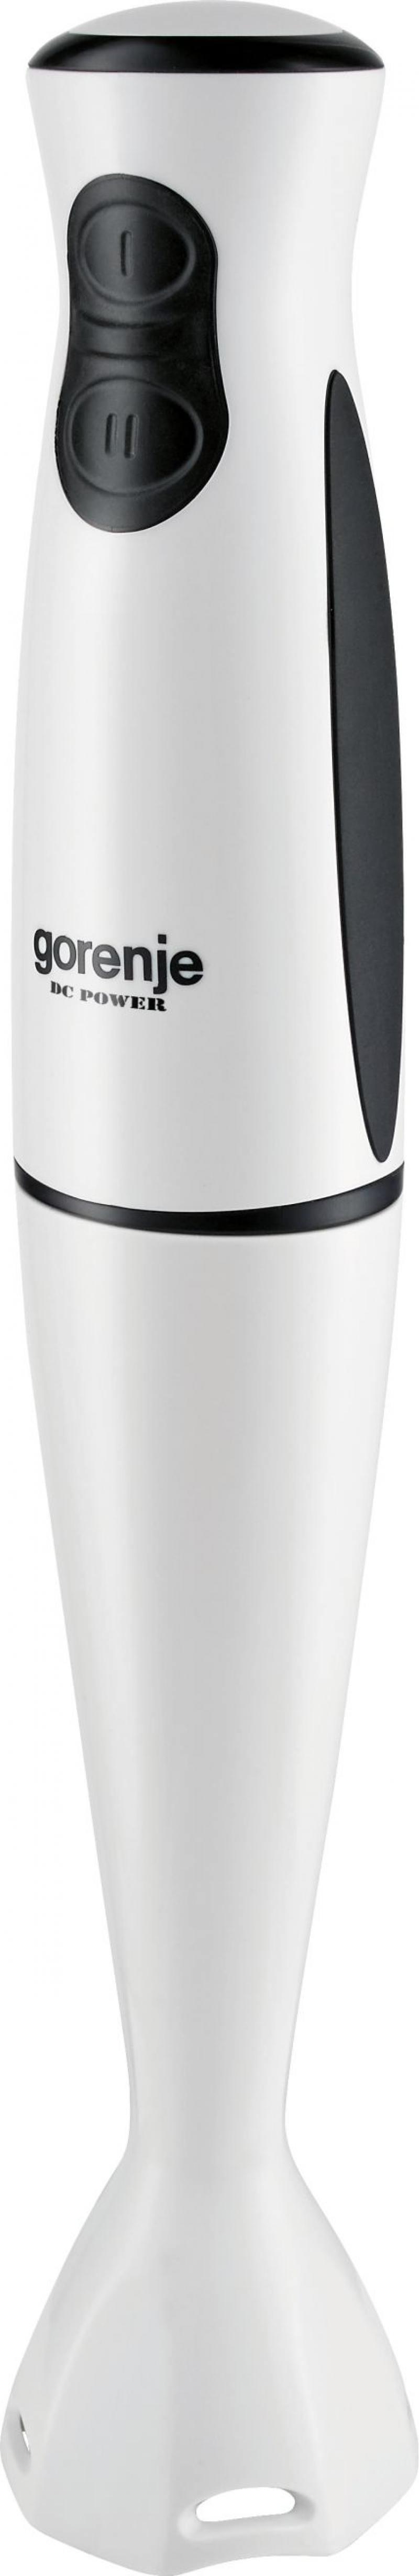 Блендер погружной Gorenje HBX480QW 400Вт белый чёрный